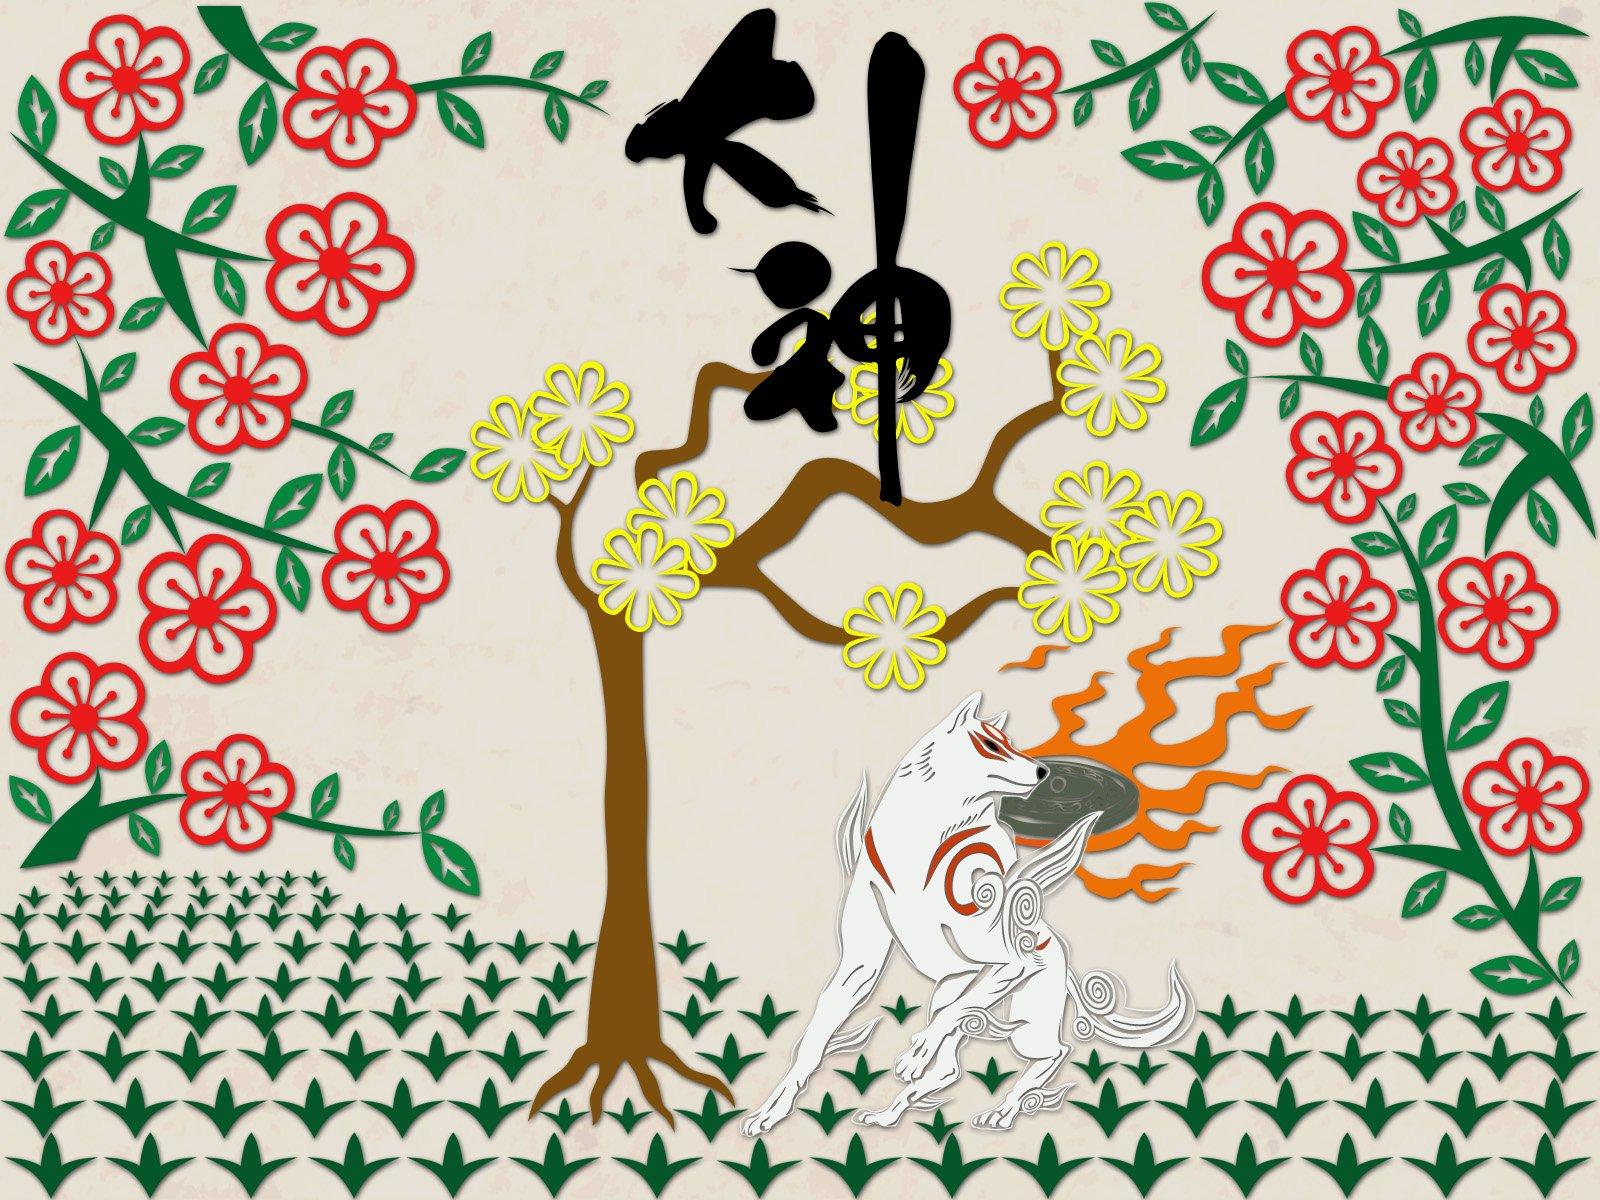 大神壁纸and 背景 1600x1200 Id 503598 Wallpaper Abyss